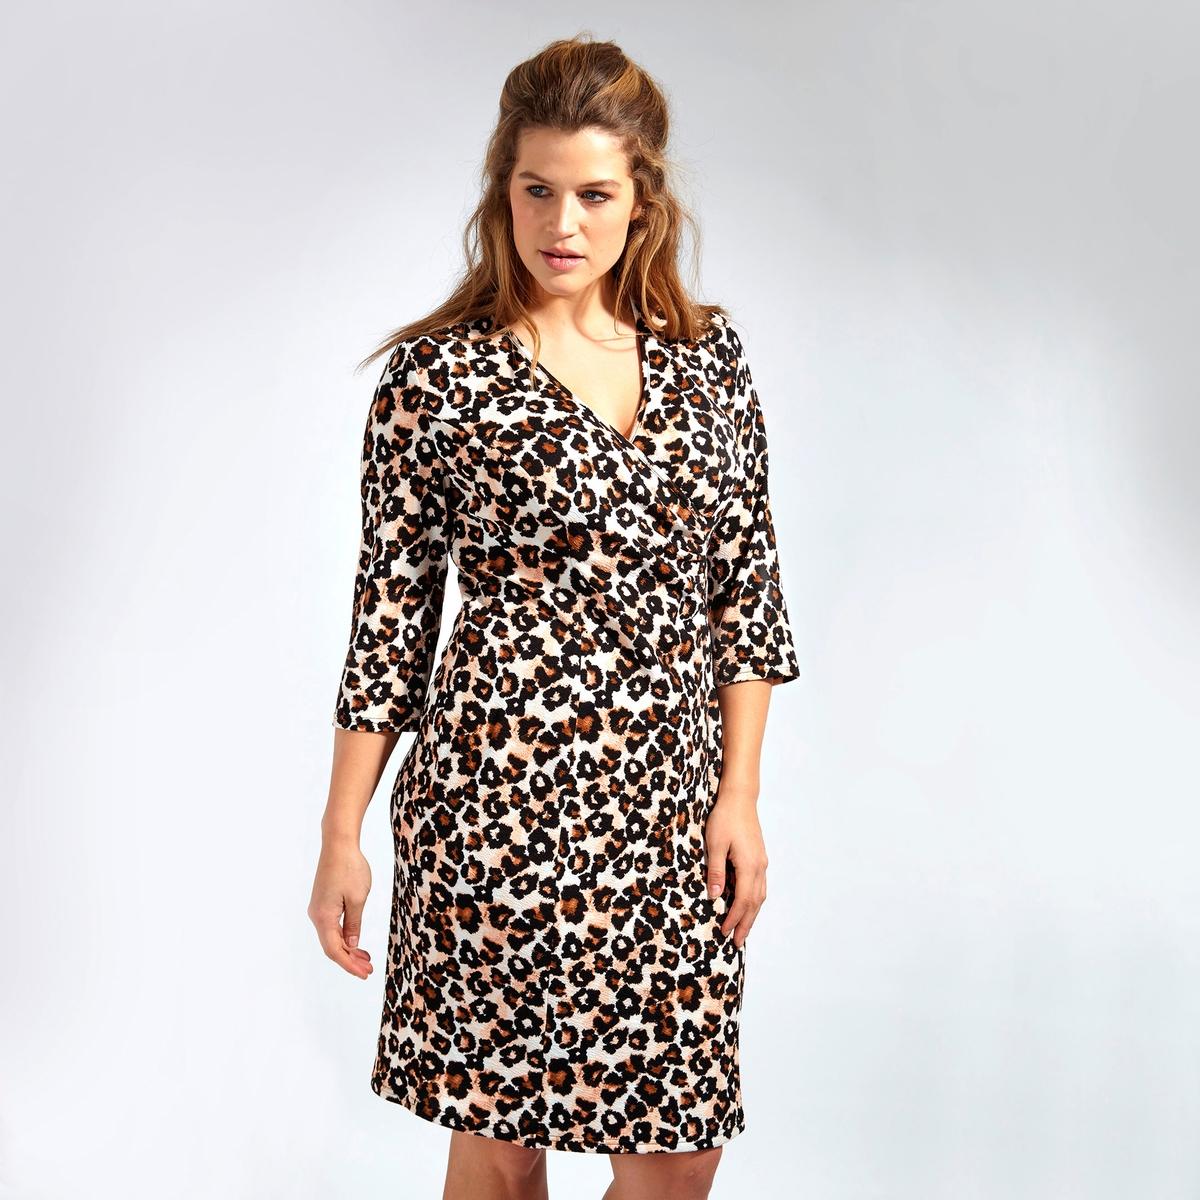 ПлатьеПлатье LOVEDROBE. Платье с рукавами 3/4 с красивым декольте . 100% полиэстер<br><br>Цвет: леопардовый рисунок<br>Размер: 54/56 (FR) - 60/62 (RUS).50/52 (FR) - 56/58 (RUS)